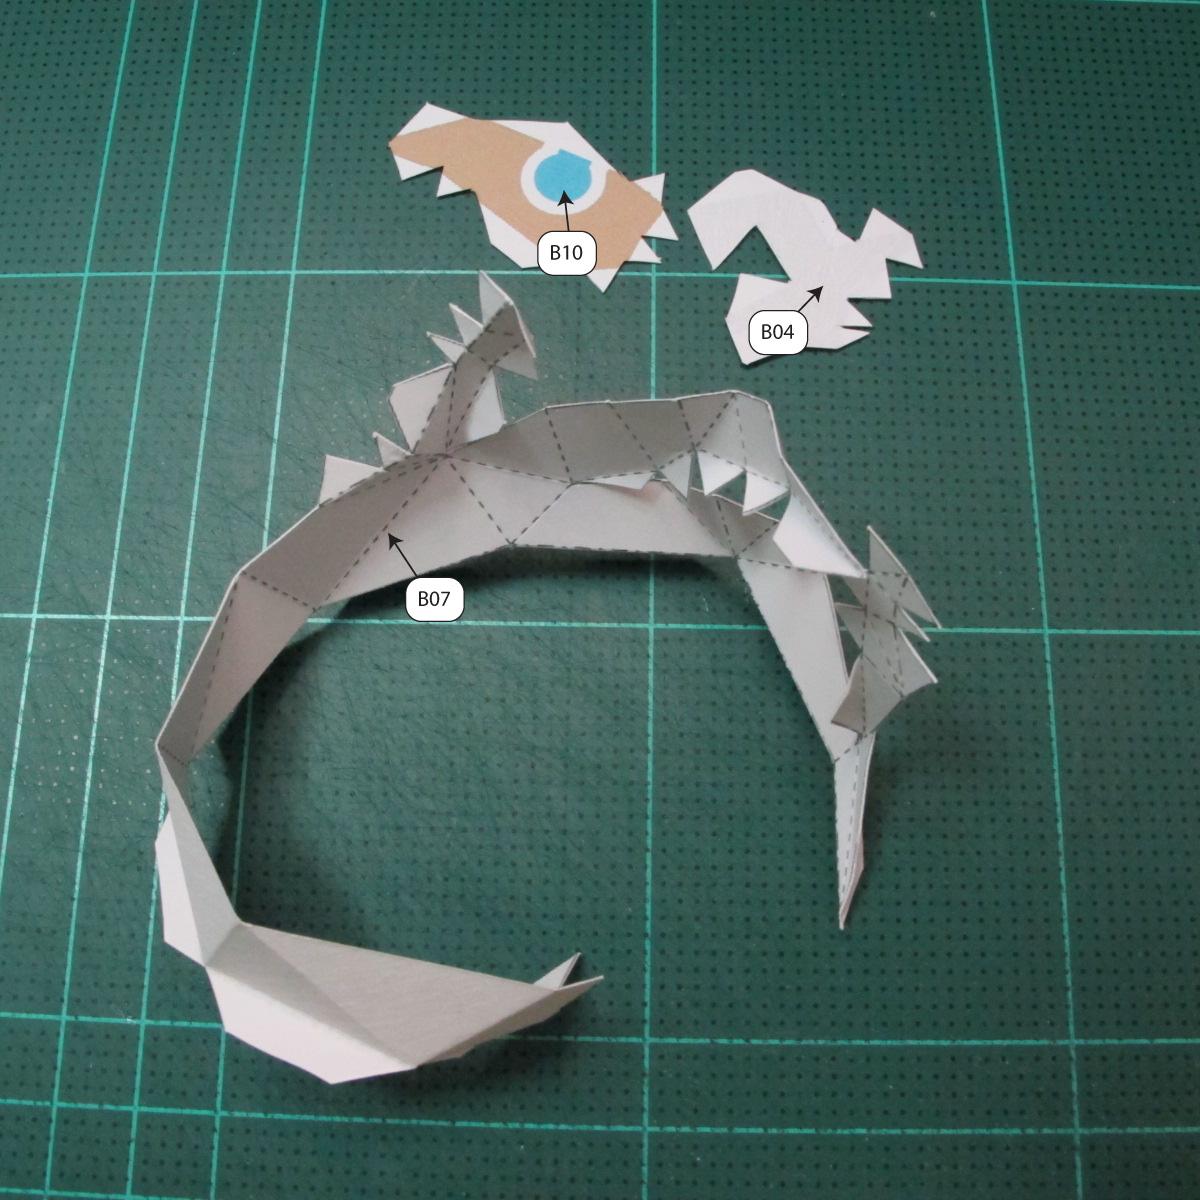 วิธีทำโมเดลกระดาษของเล่นคุกกี้รัน คุกกี้รสพ่อมด (Cookie Run Wizard Cookie Papercraft Model) 002